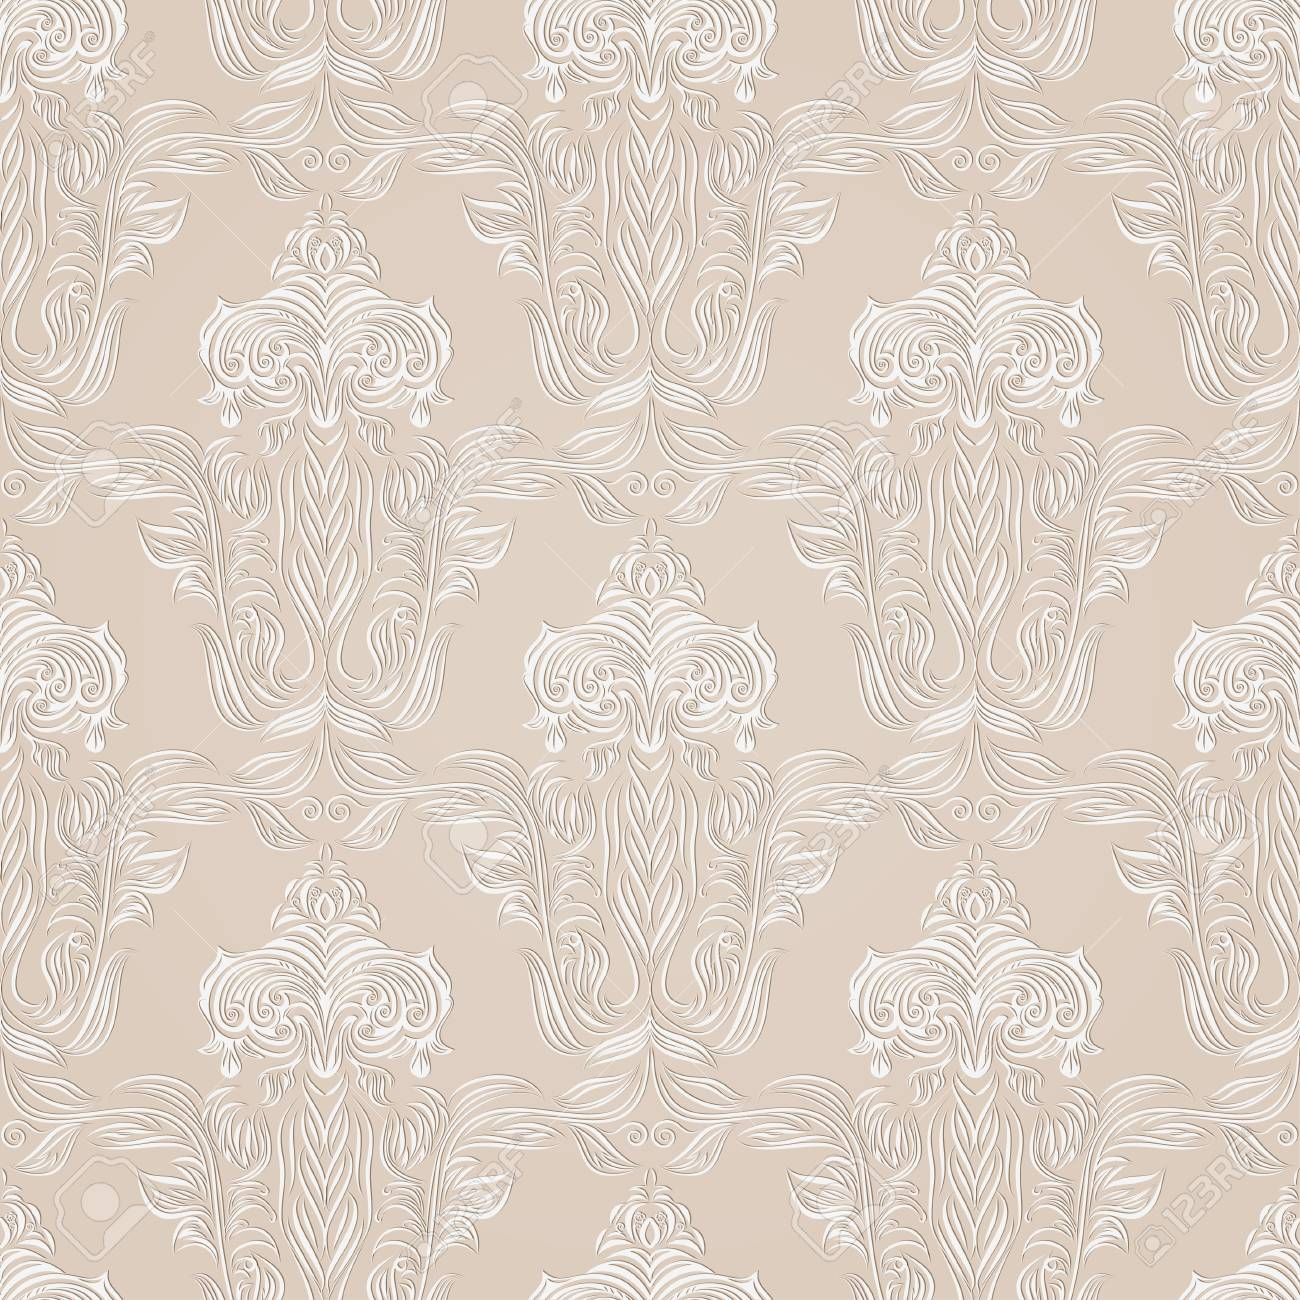 シームレスなレトロな壁紙のイラスト素材 ベクタ Image 48363253